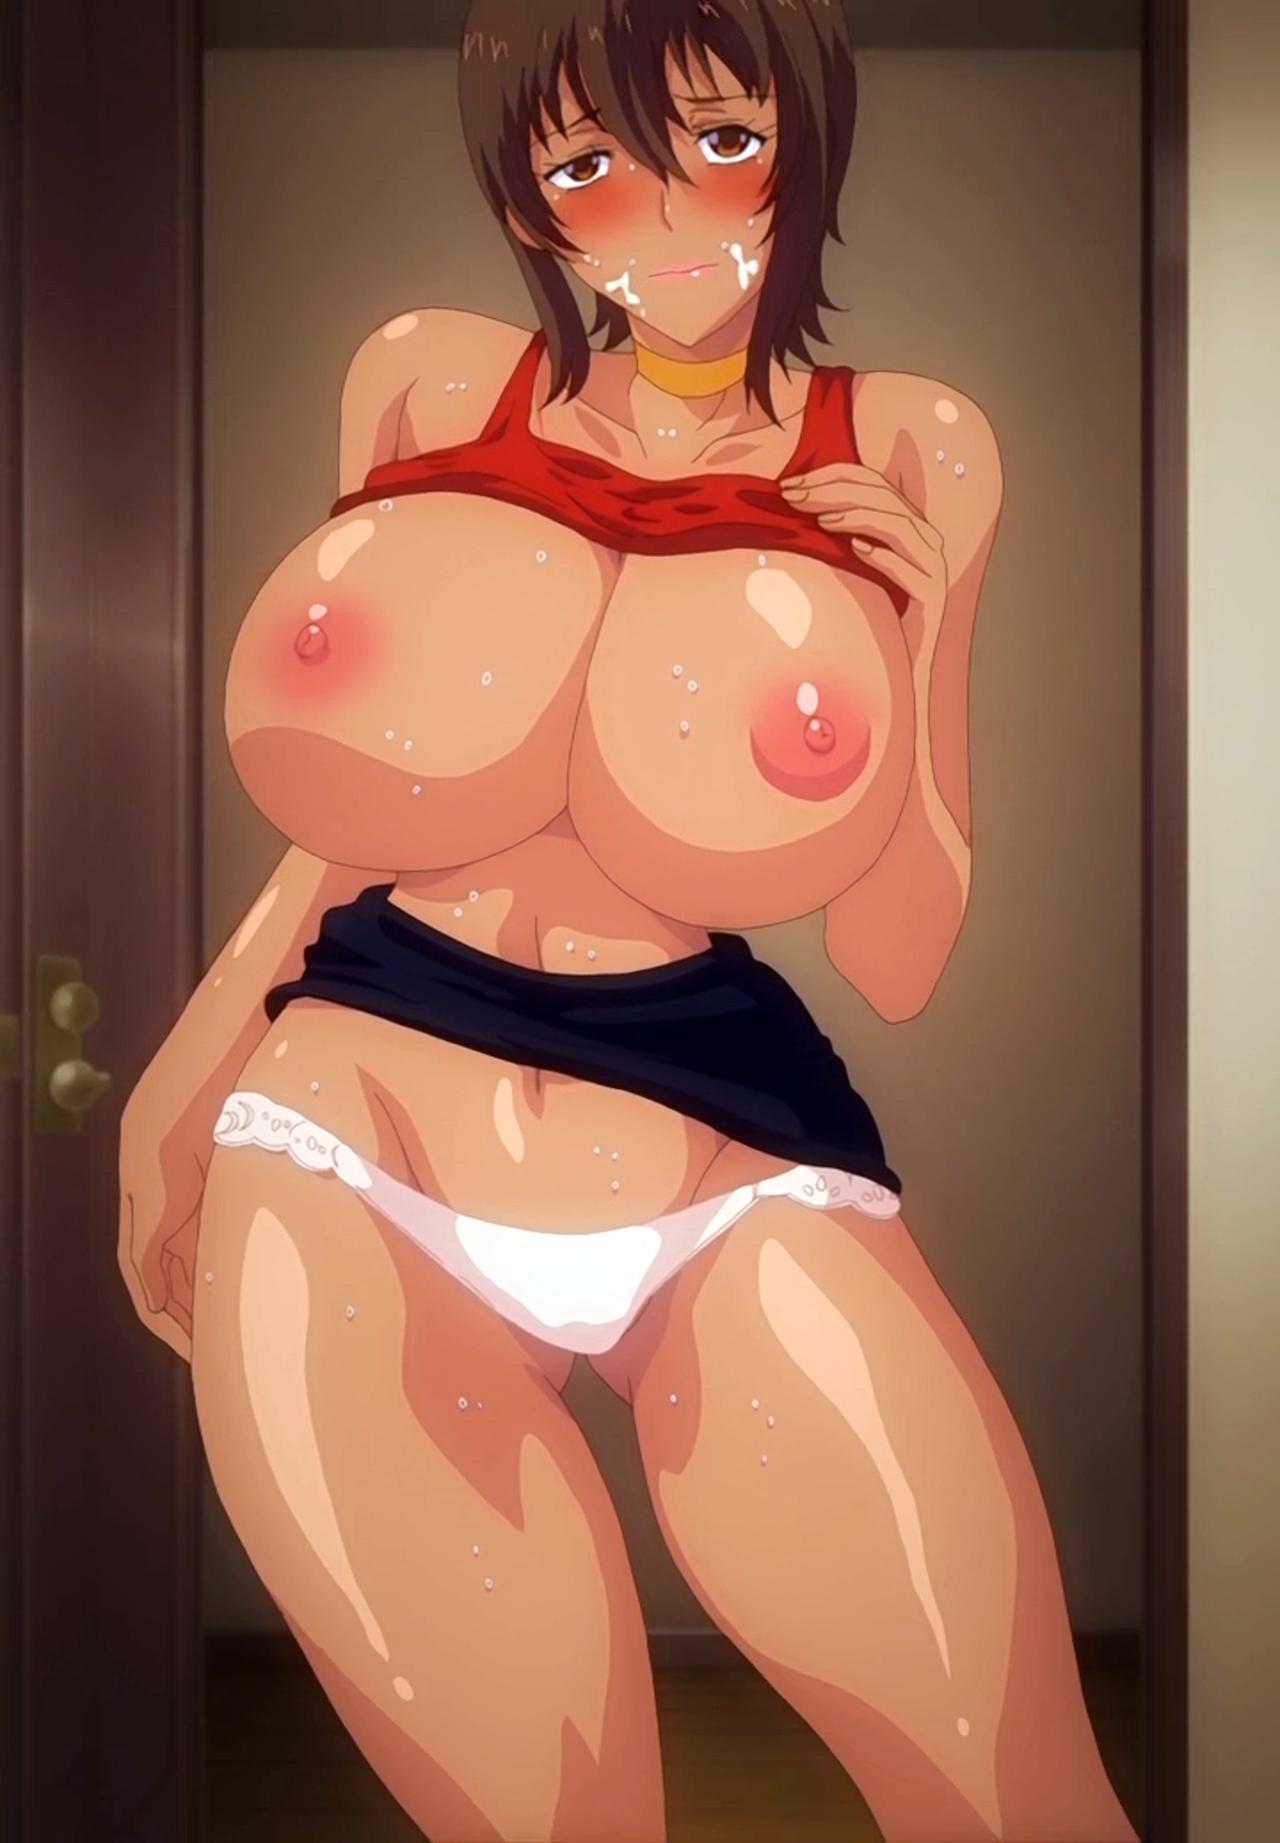 Kaa chan no Tomodachi ni Shikotteru Tokoro Mirareta